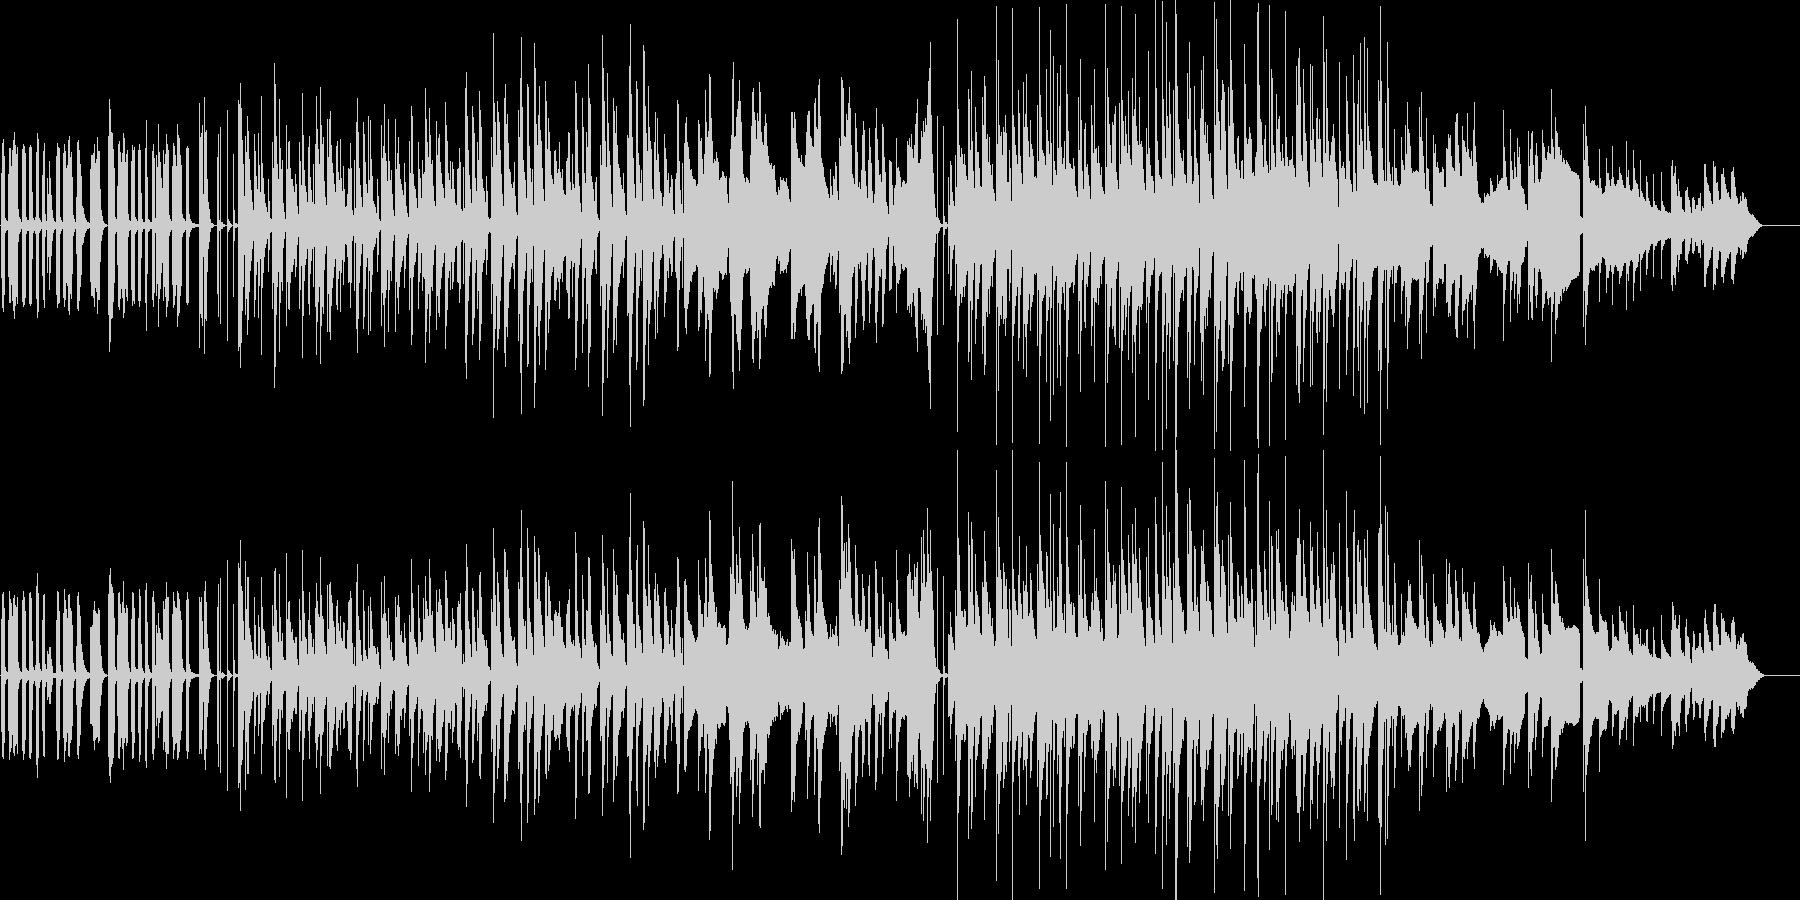 あほっぽく可愛らしい雰囲気のBGMの未再生の波形